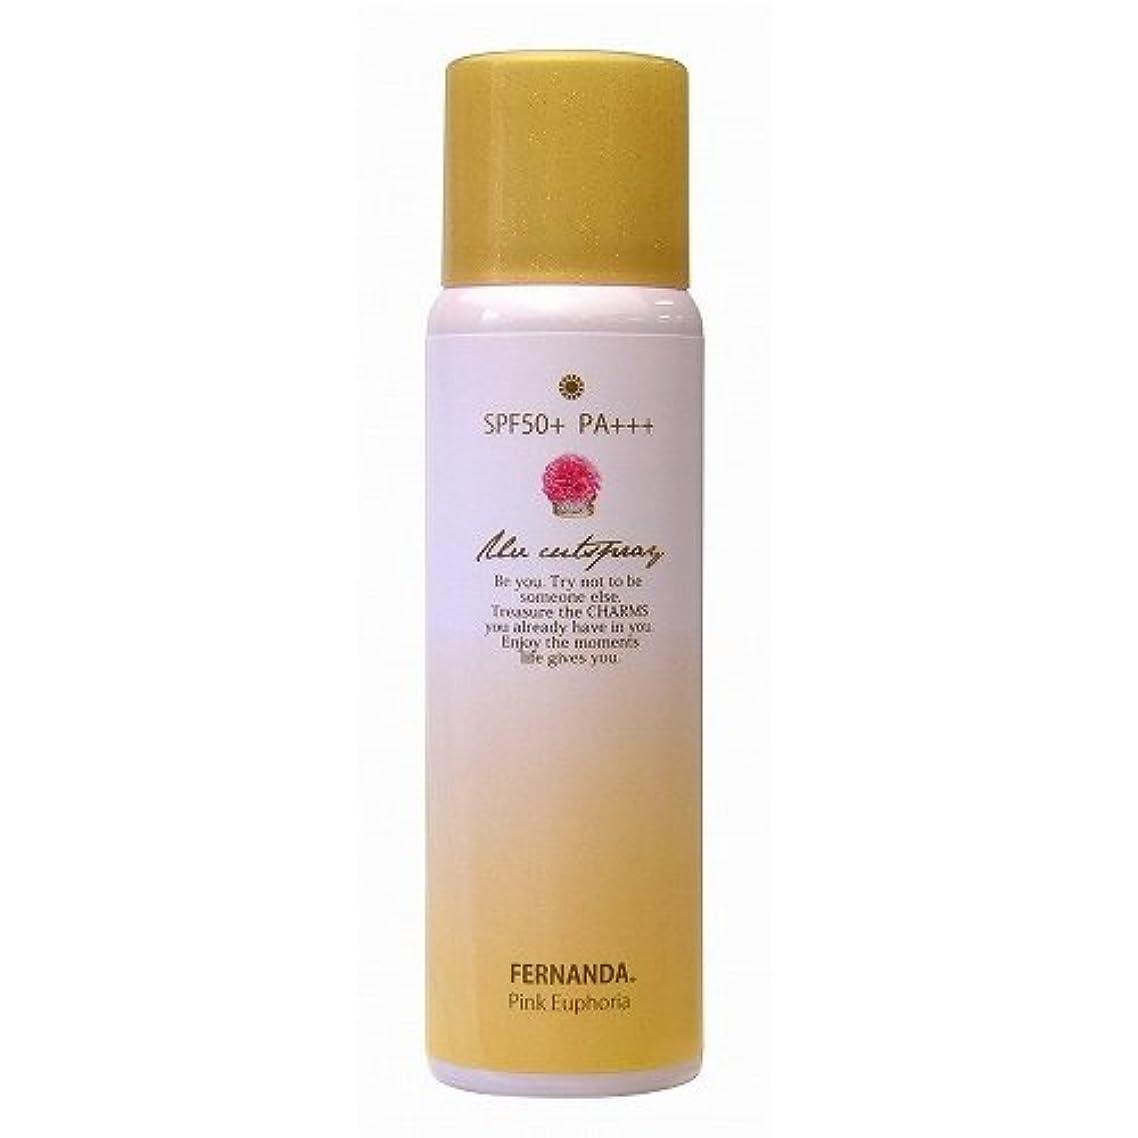 に変わる価値広大なFERNANDA(フェルナンダ) UV CUT Spray Pink Euphoria〈SPF50+ PA+++〉 (UVカット スプレー ピンクエウフォリア)